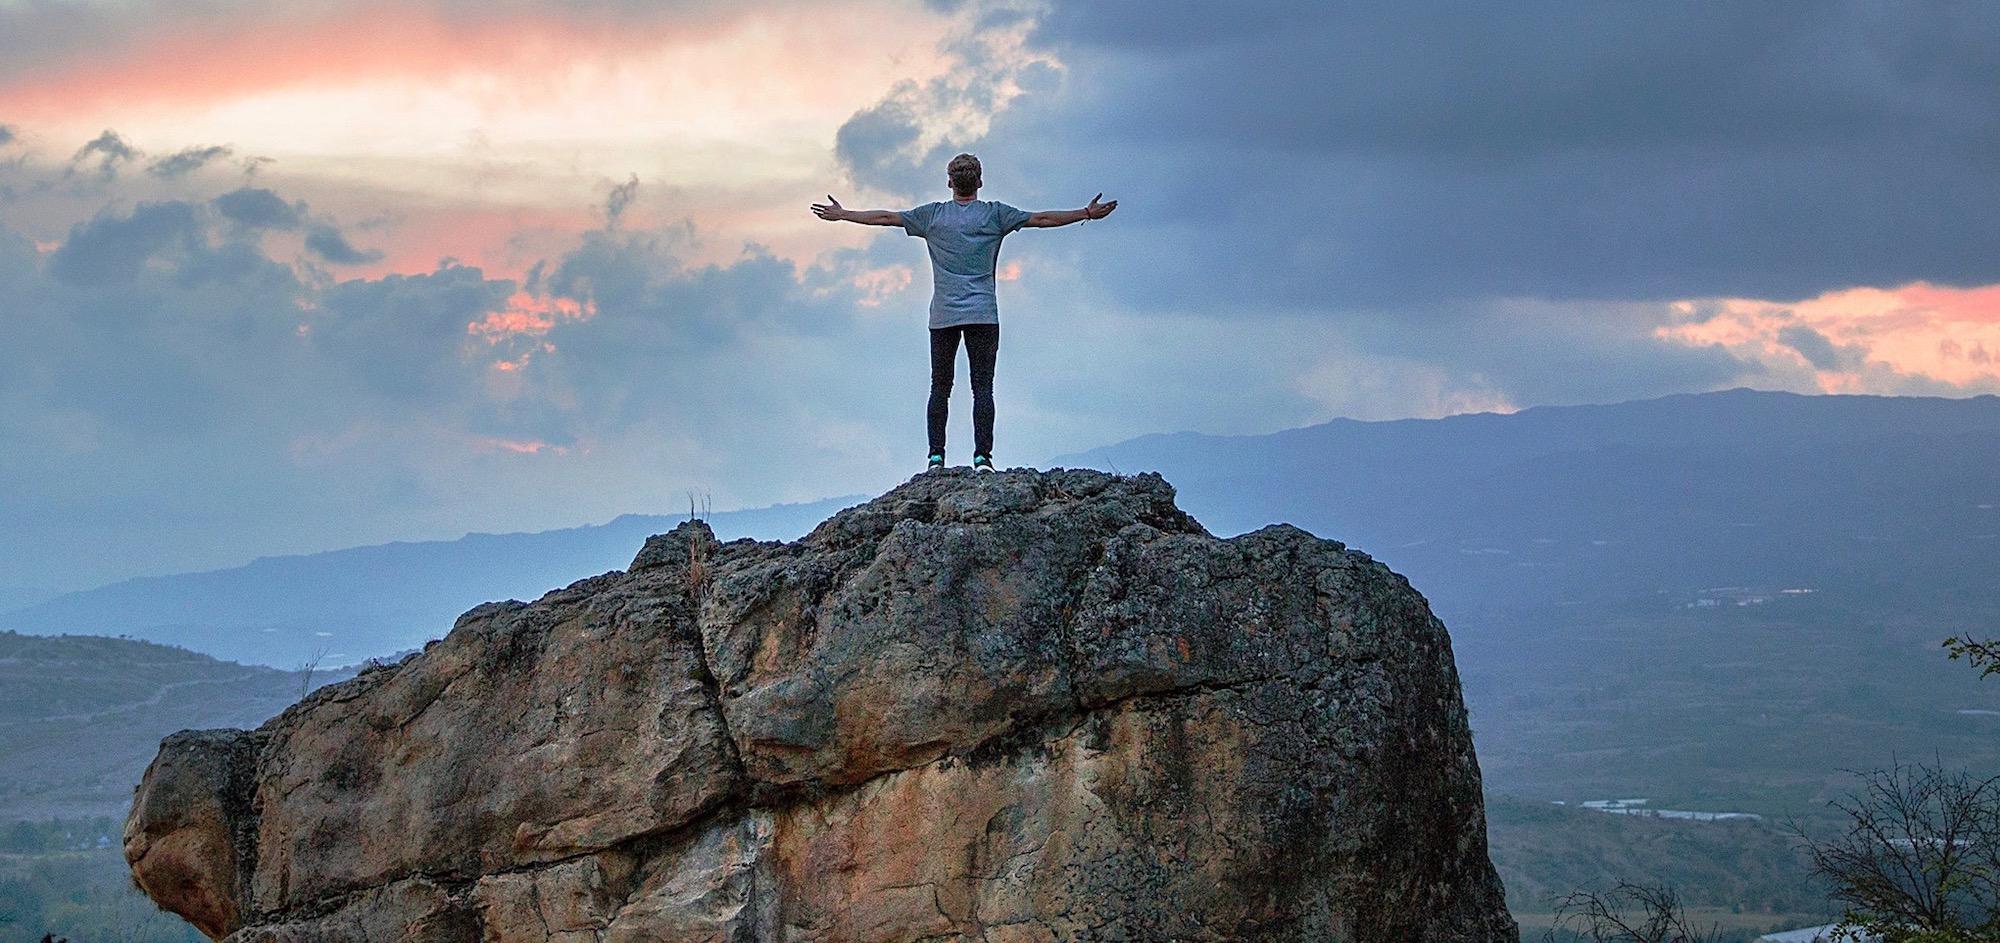 homme au sommet d'une montagne